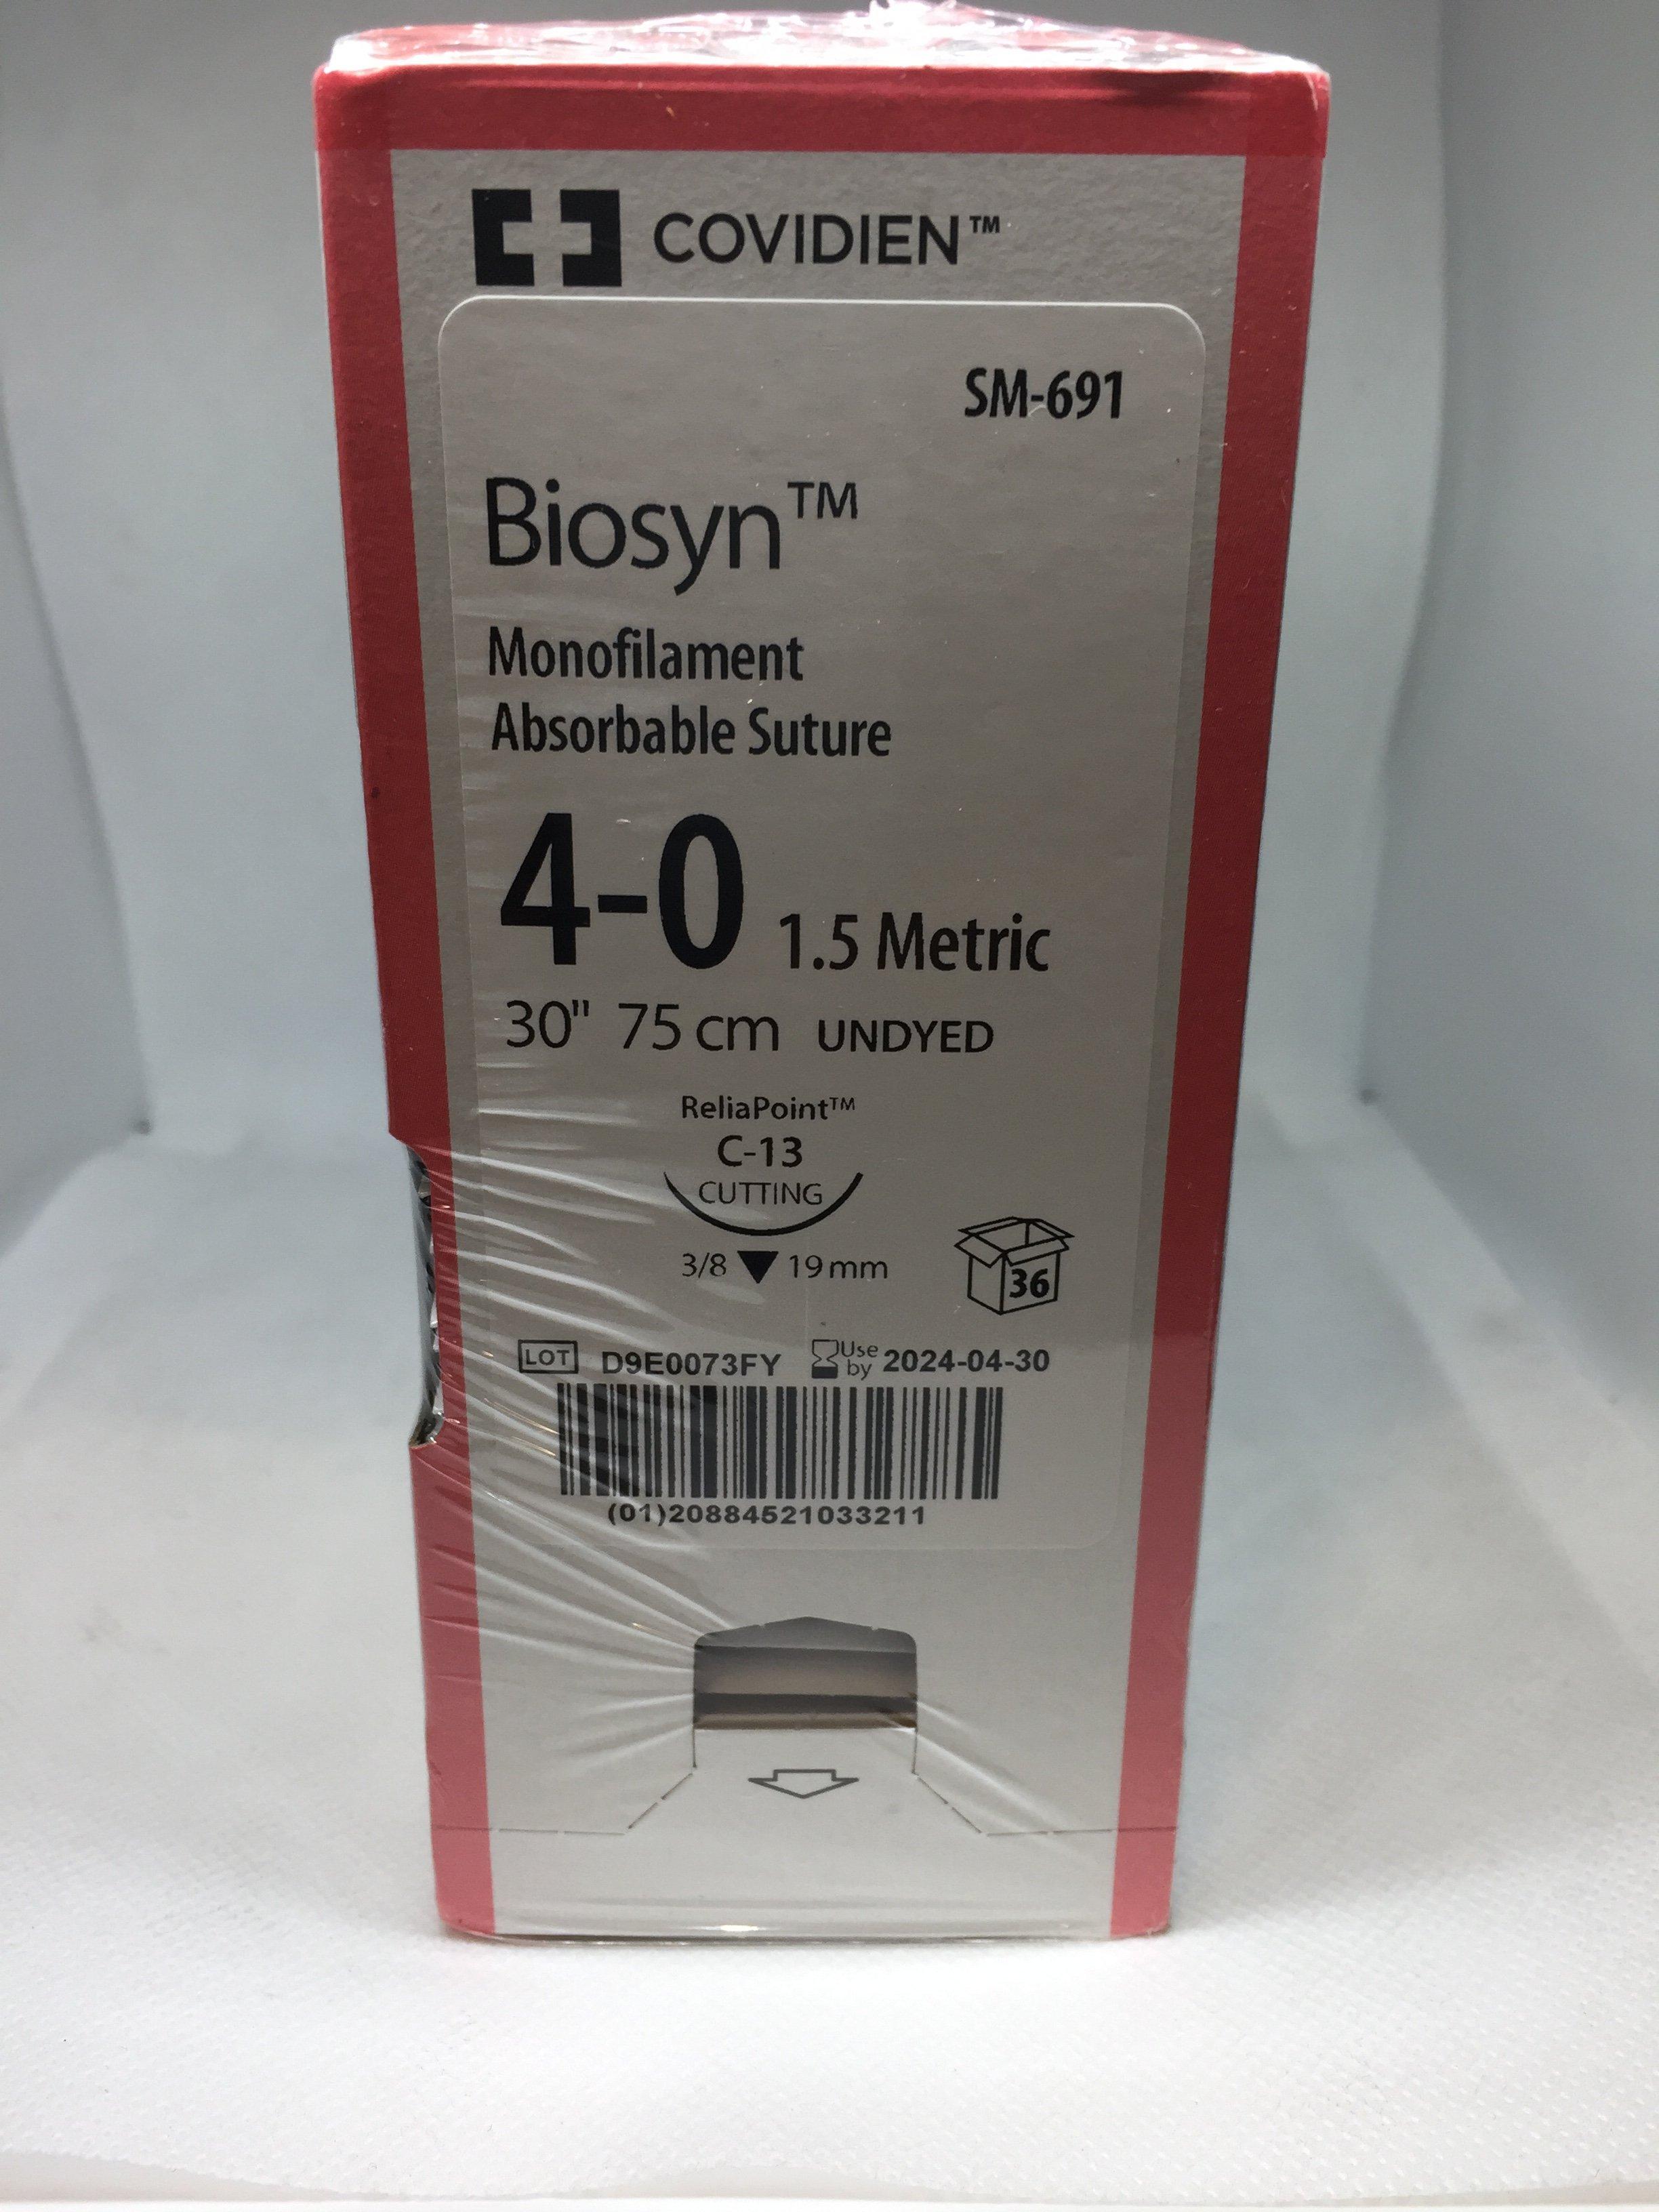 BIOSYN SUTURE UNDYED 4/0 C-13 19MM 75CM, 36